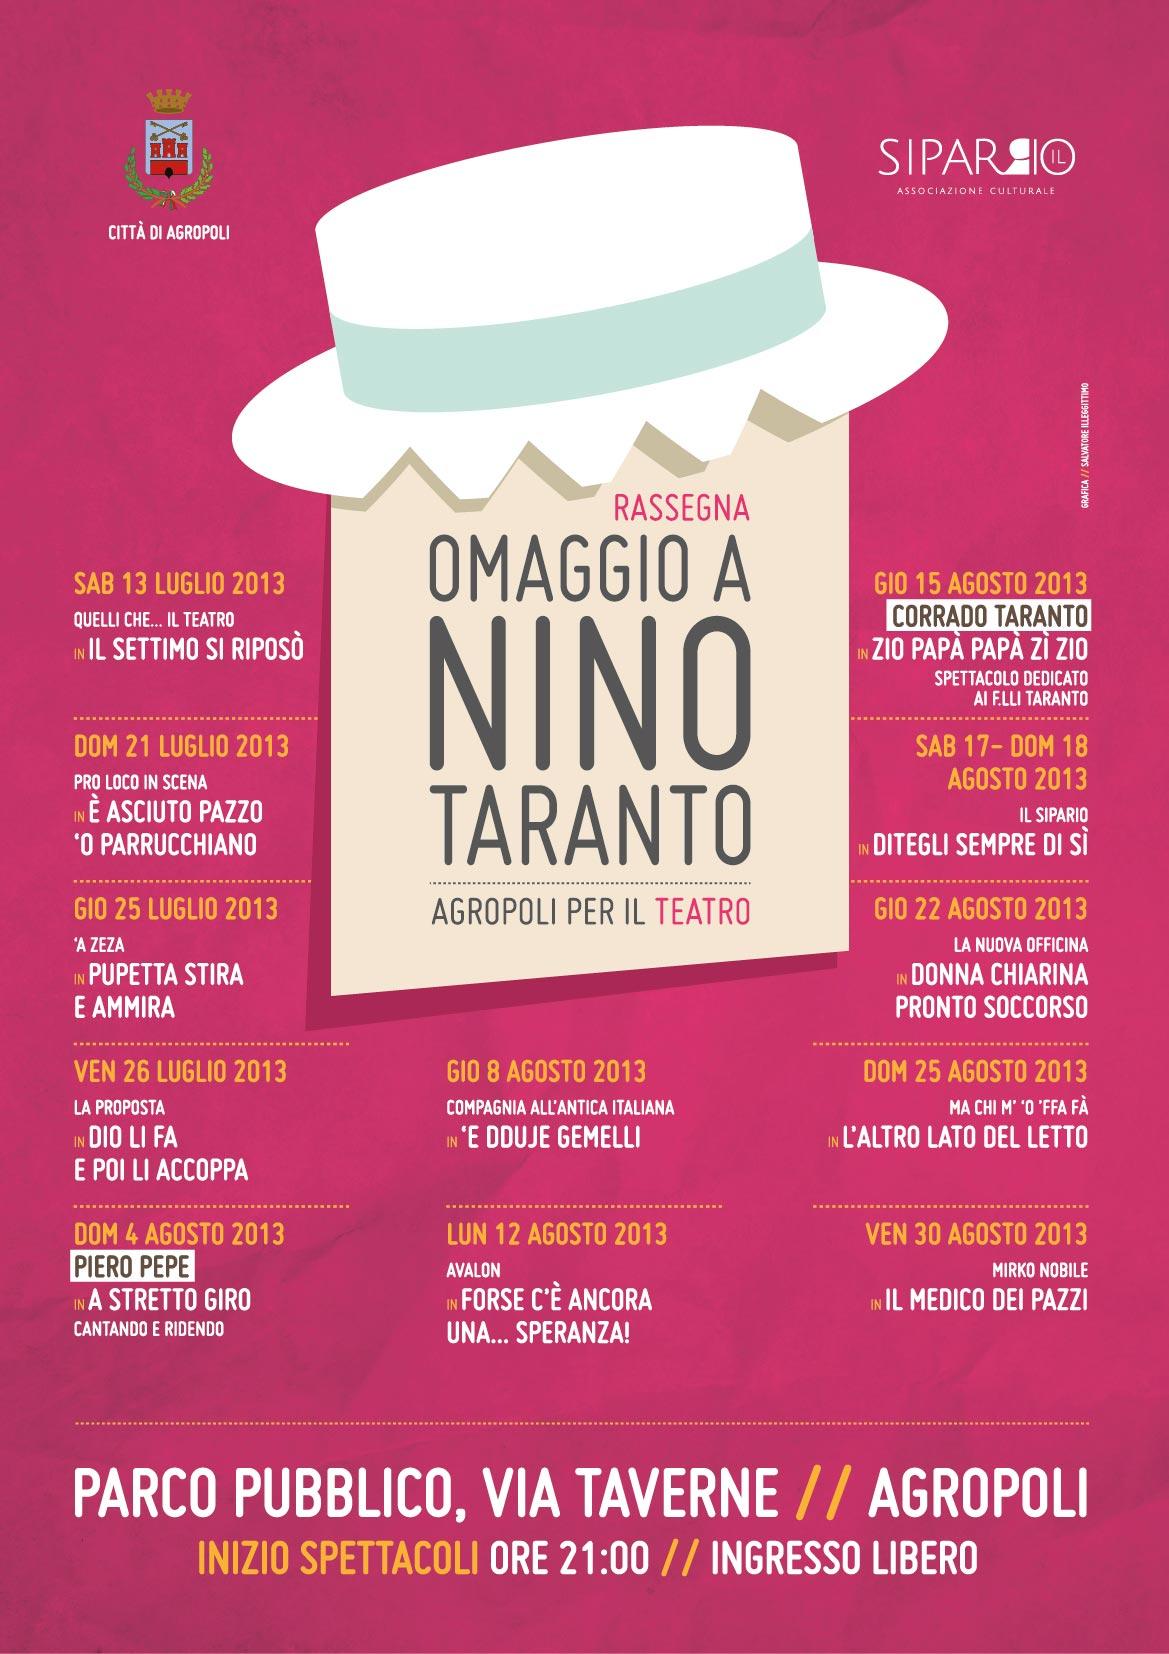 Nino-Taranto-2013